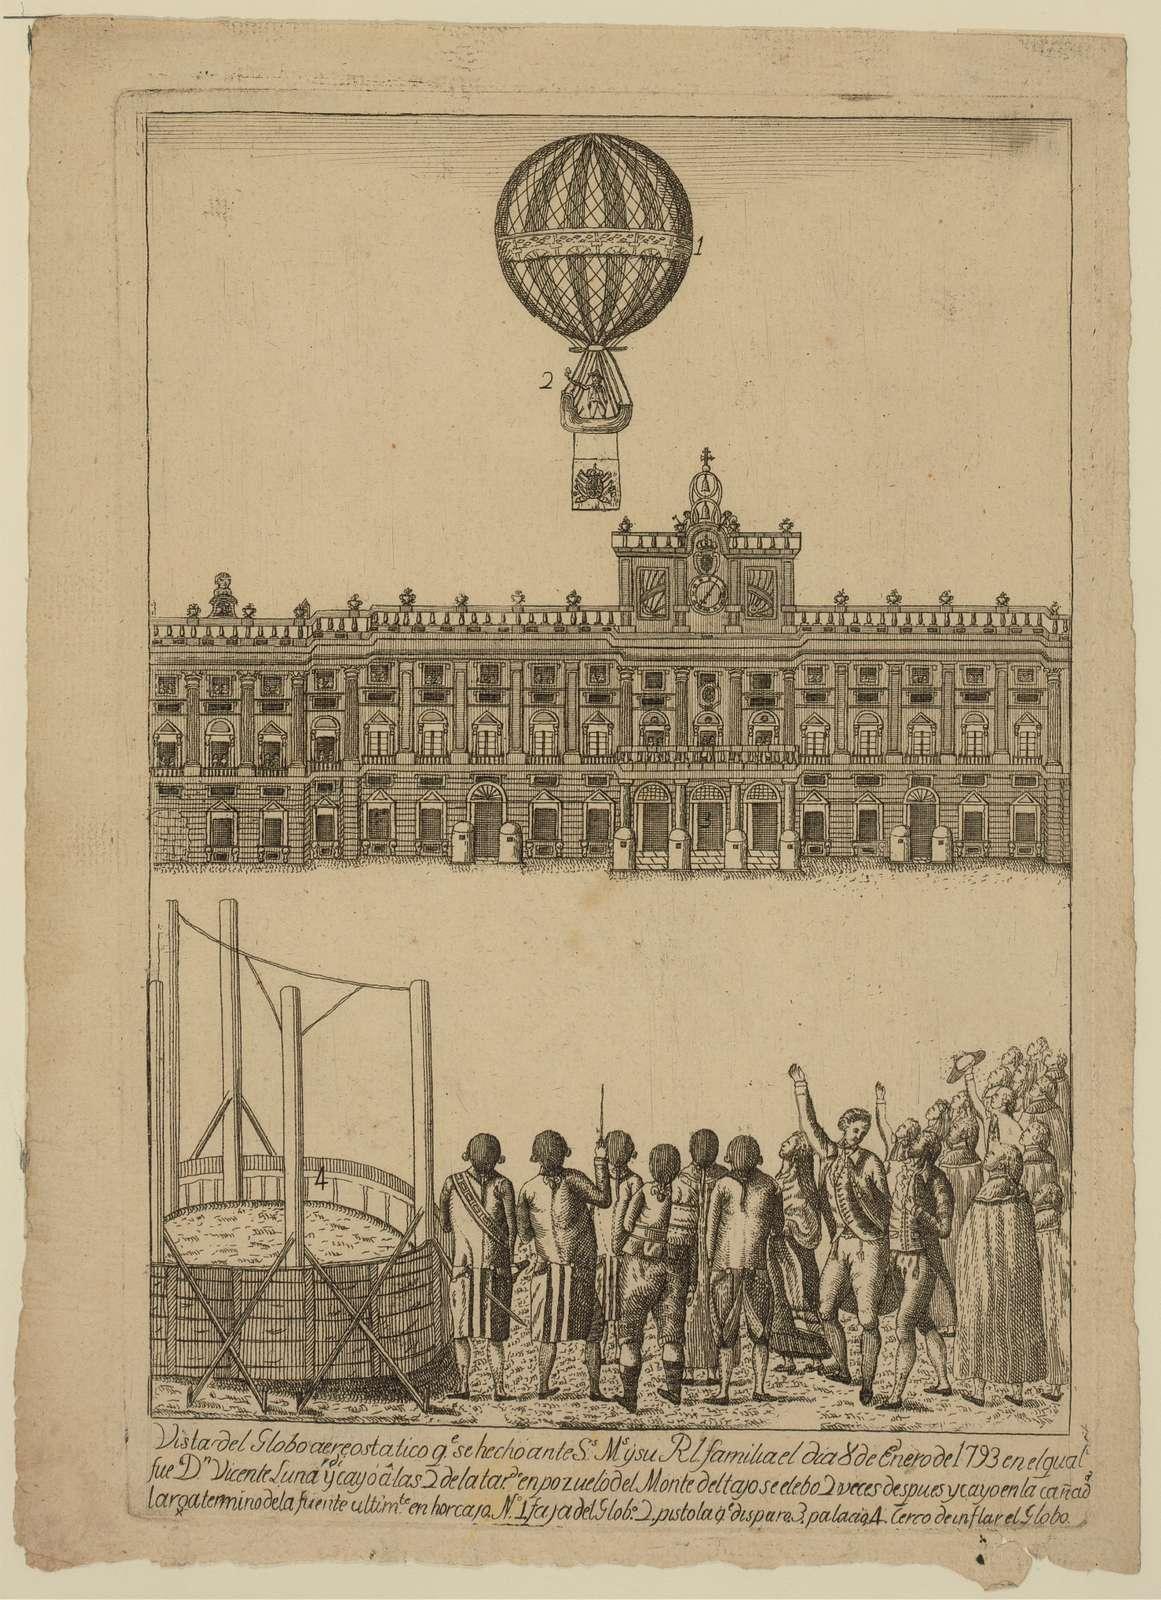 Vista del globo areostatico qe. se hecho ante Ss. Ms. y su Rl. familia el dia 8 de enero de 1793 en el qual fue Dn. Vicente Lunardi y cayó â las 2 de la tarde ...